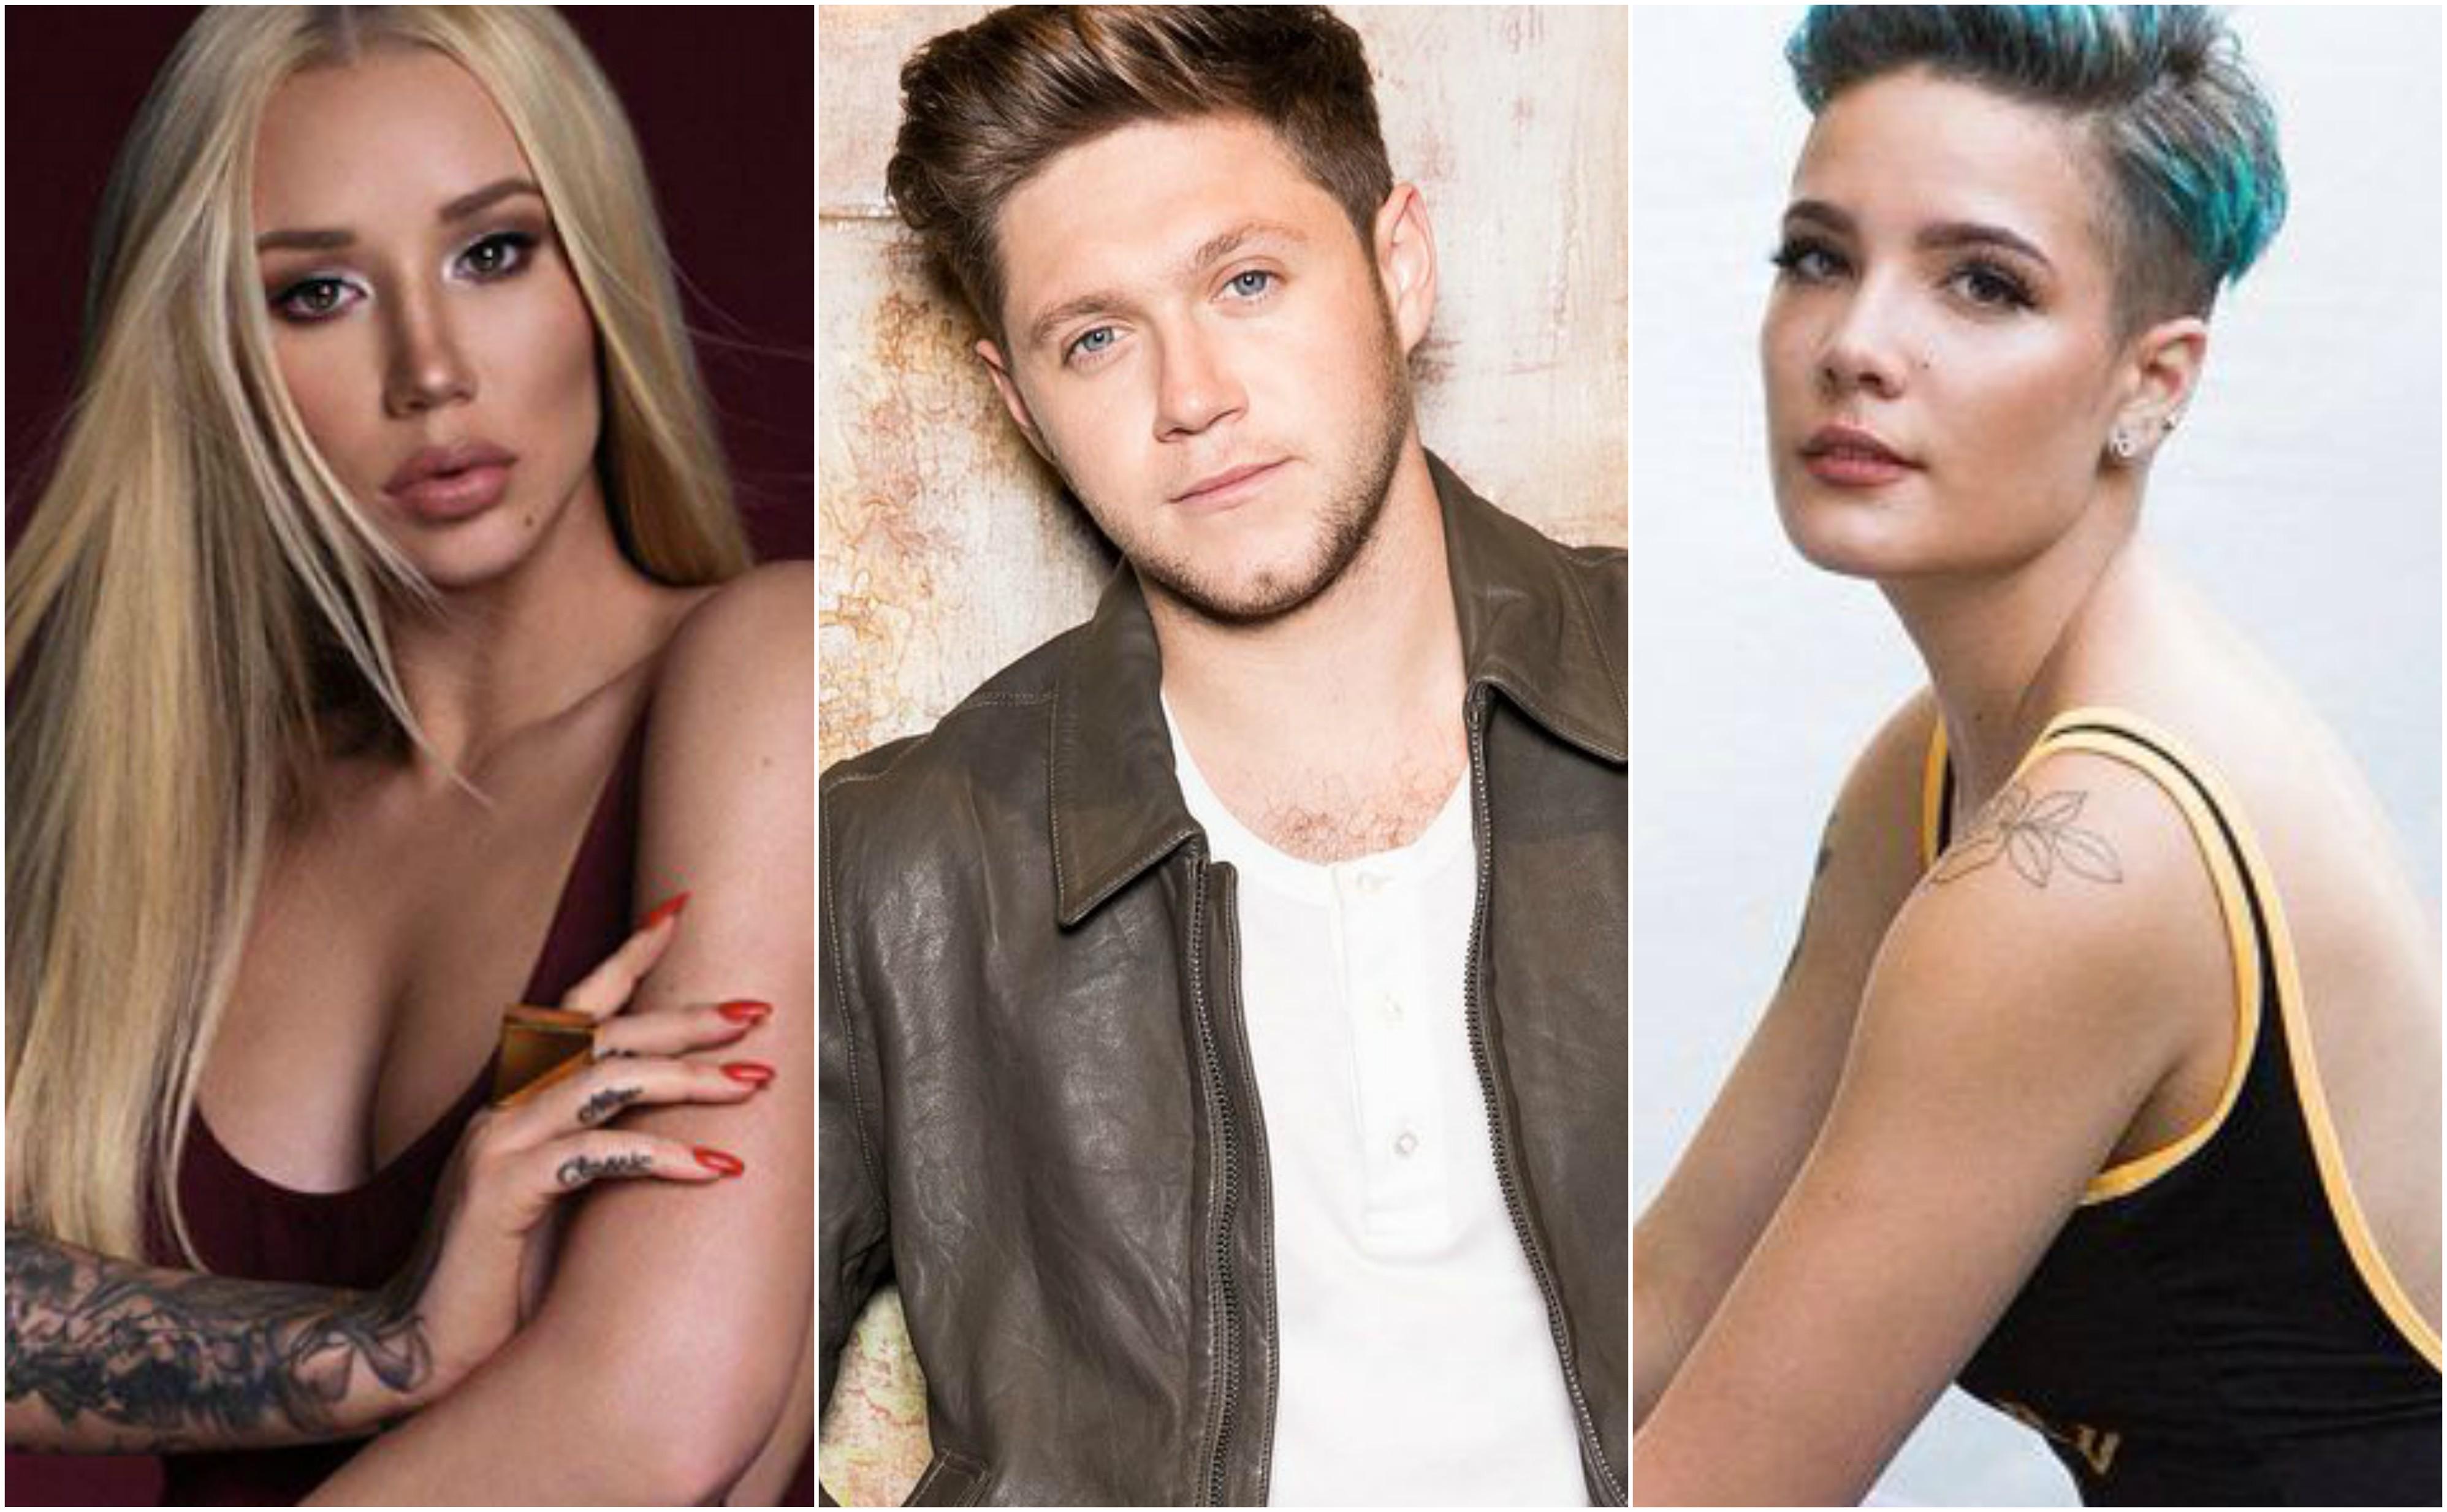 8 sencillos de artistas famosos que no lograron entrar en el Billboard Hot 100 en 2018